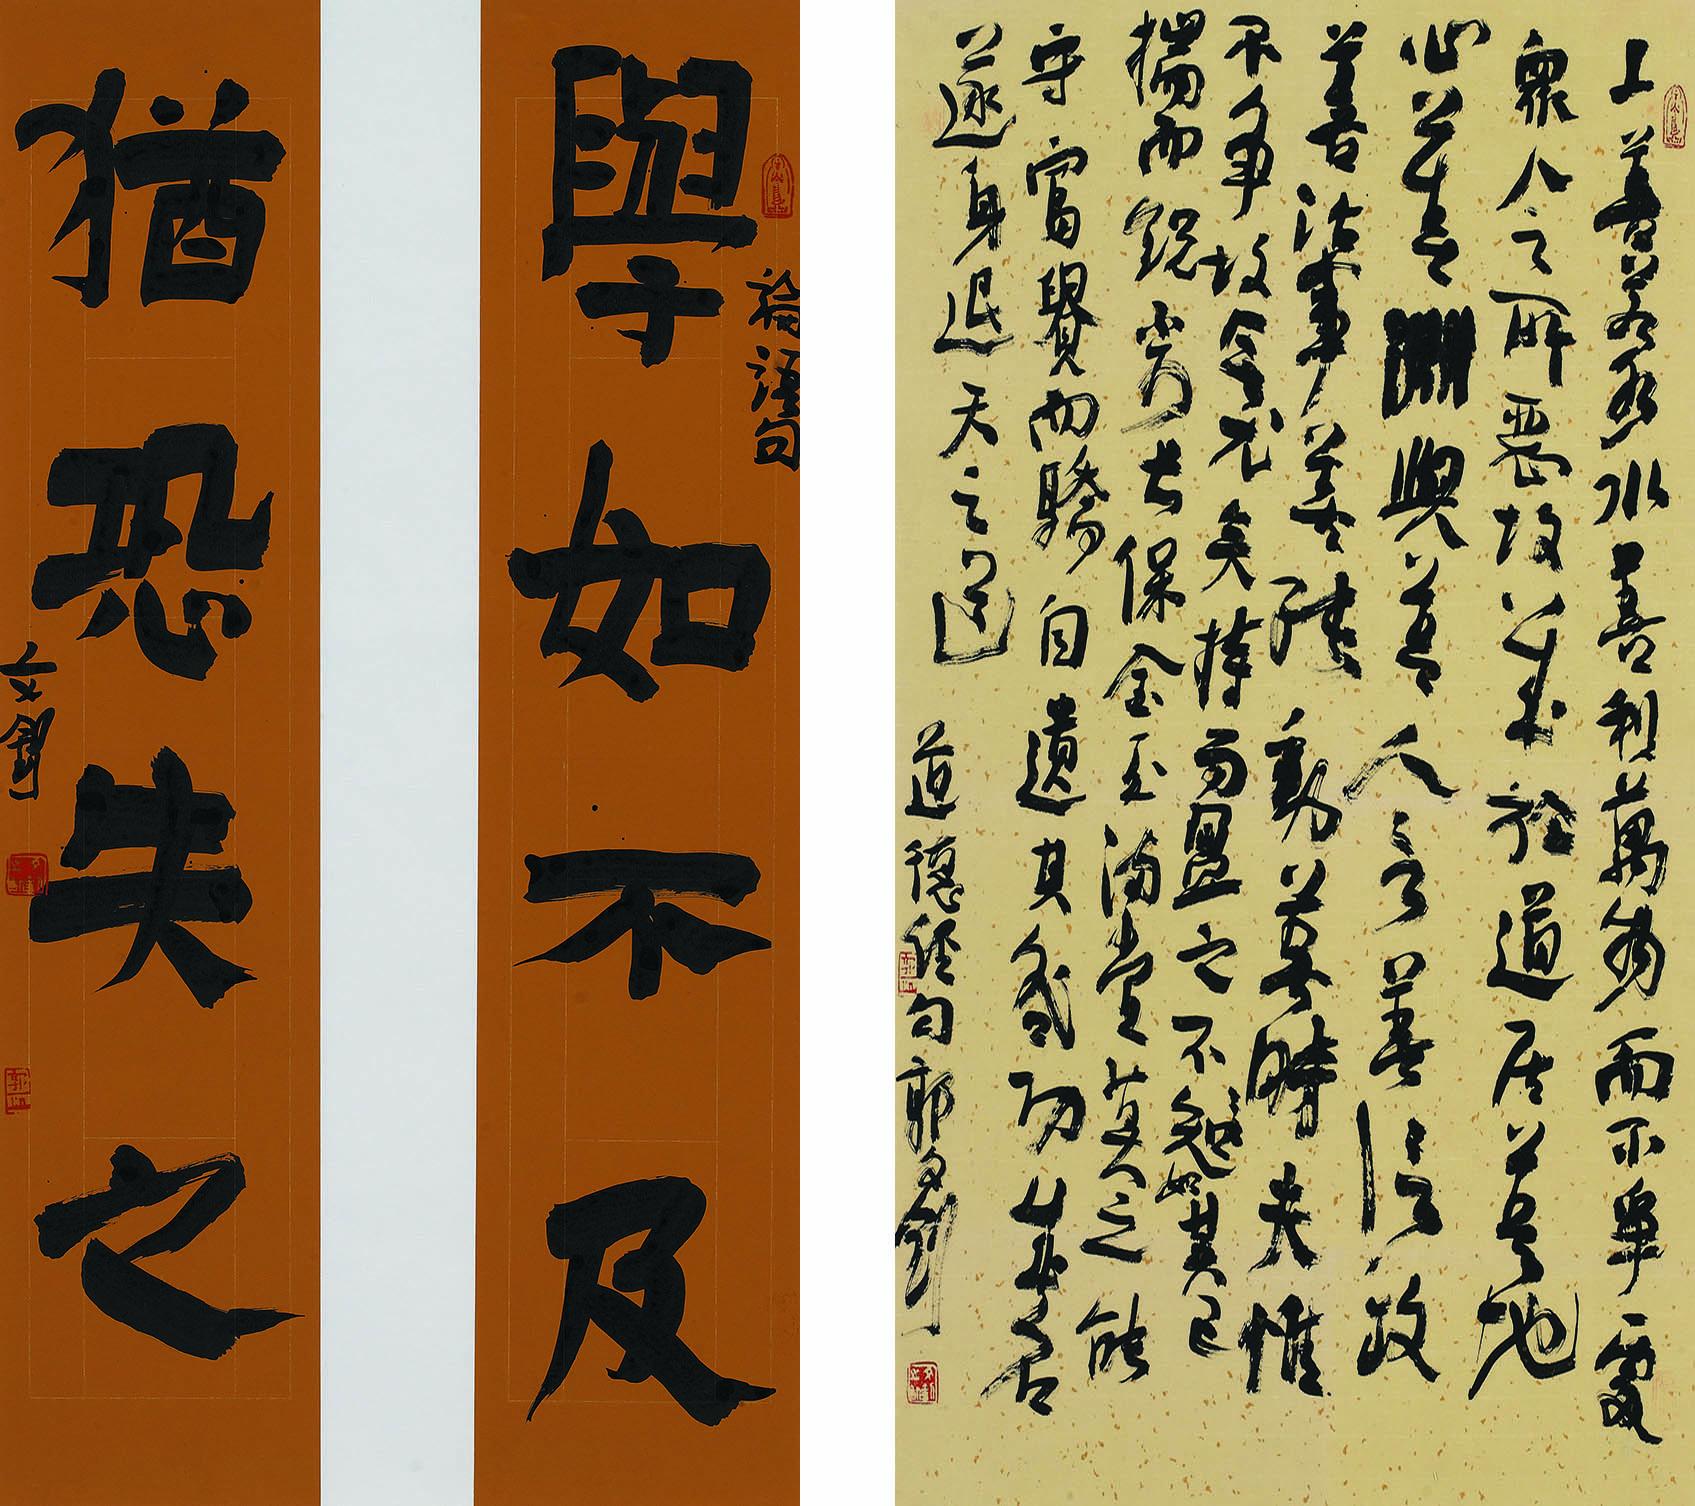 017郭文钊-行书对联-学如犹恐联-行书竖幅-《道德经》句